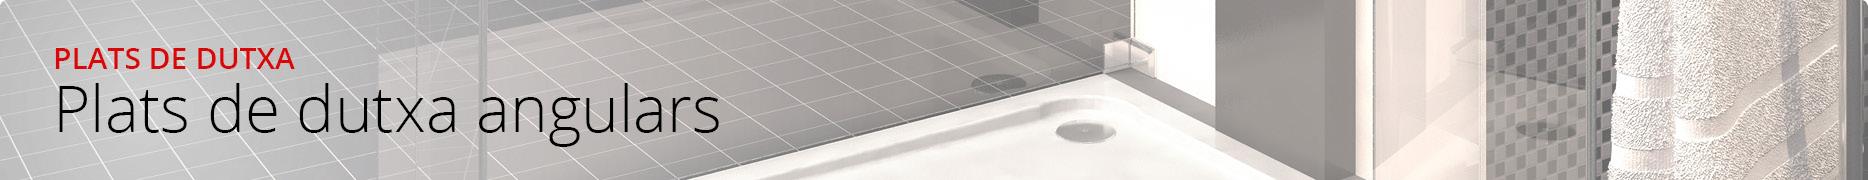 Plats de dutxa angulars